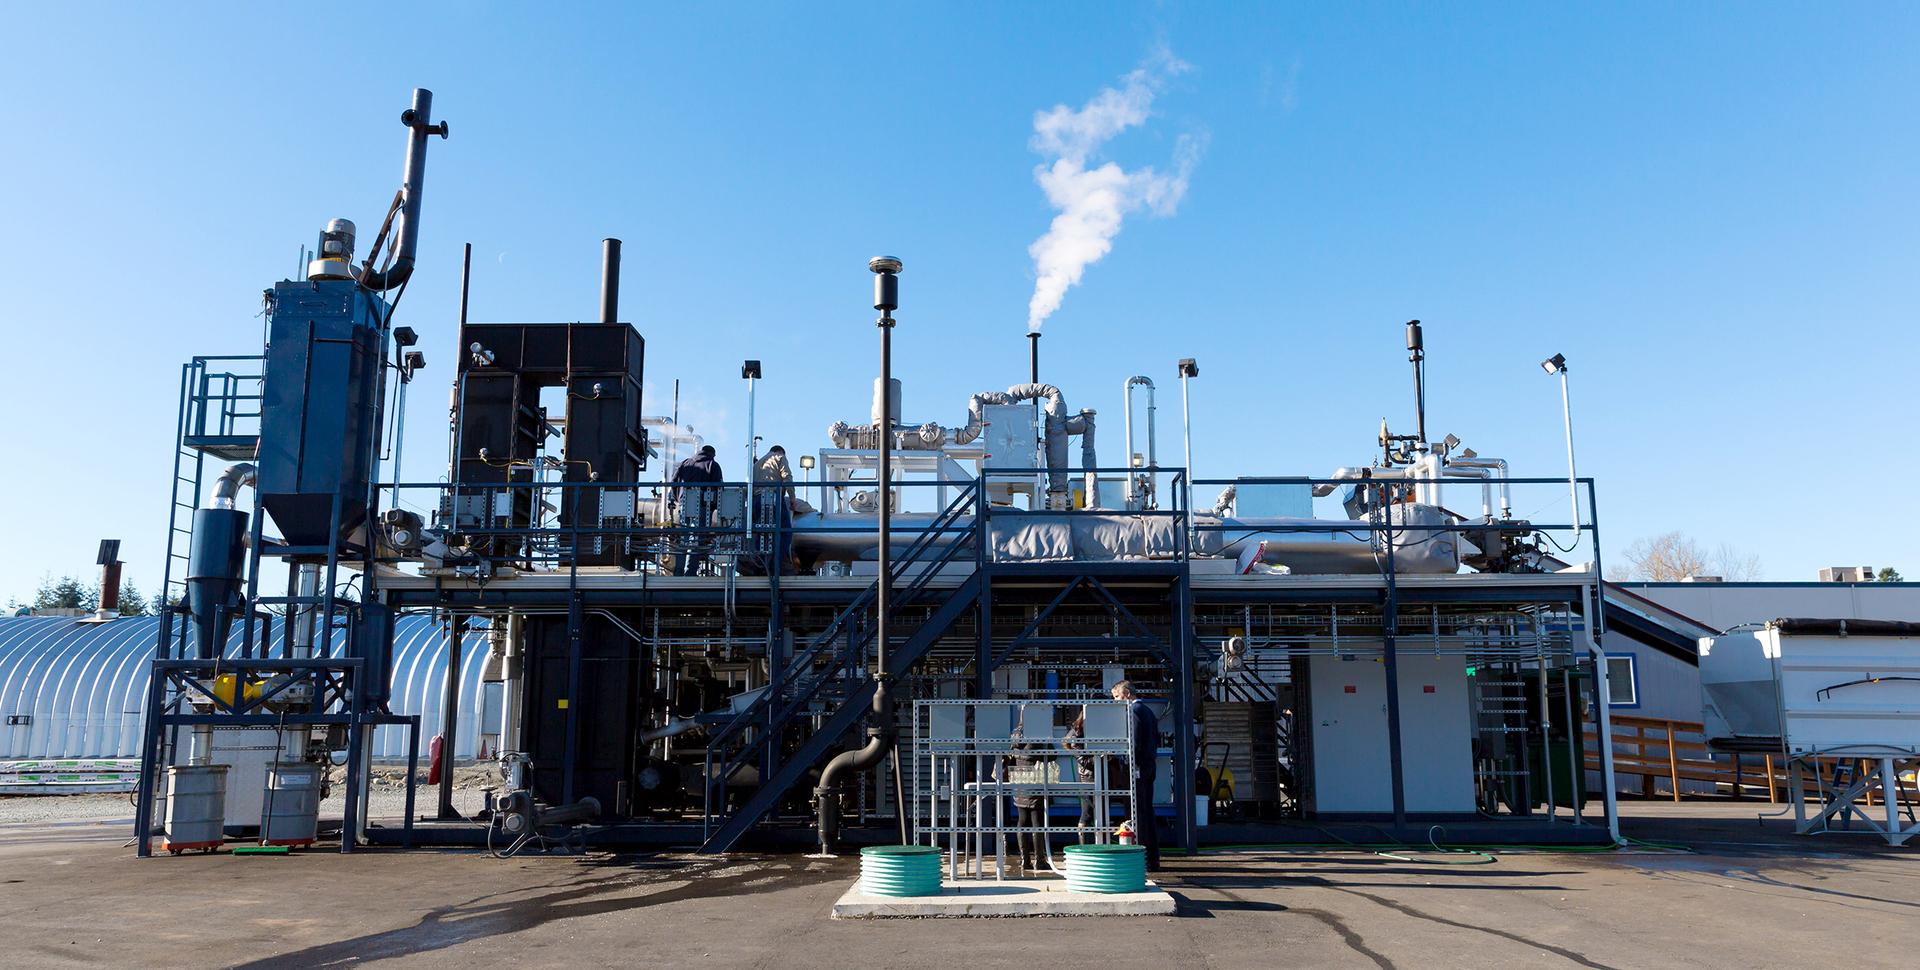 Билл Гейтс хочет помочь перерабатывать канализационный сток - 2